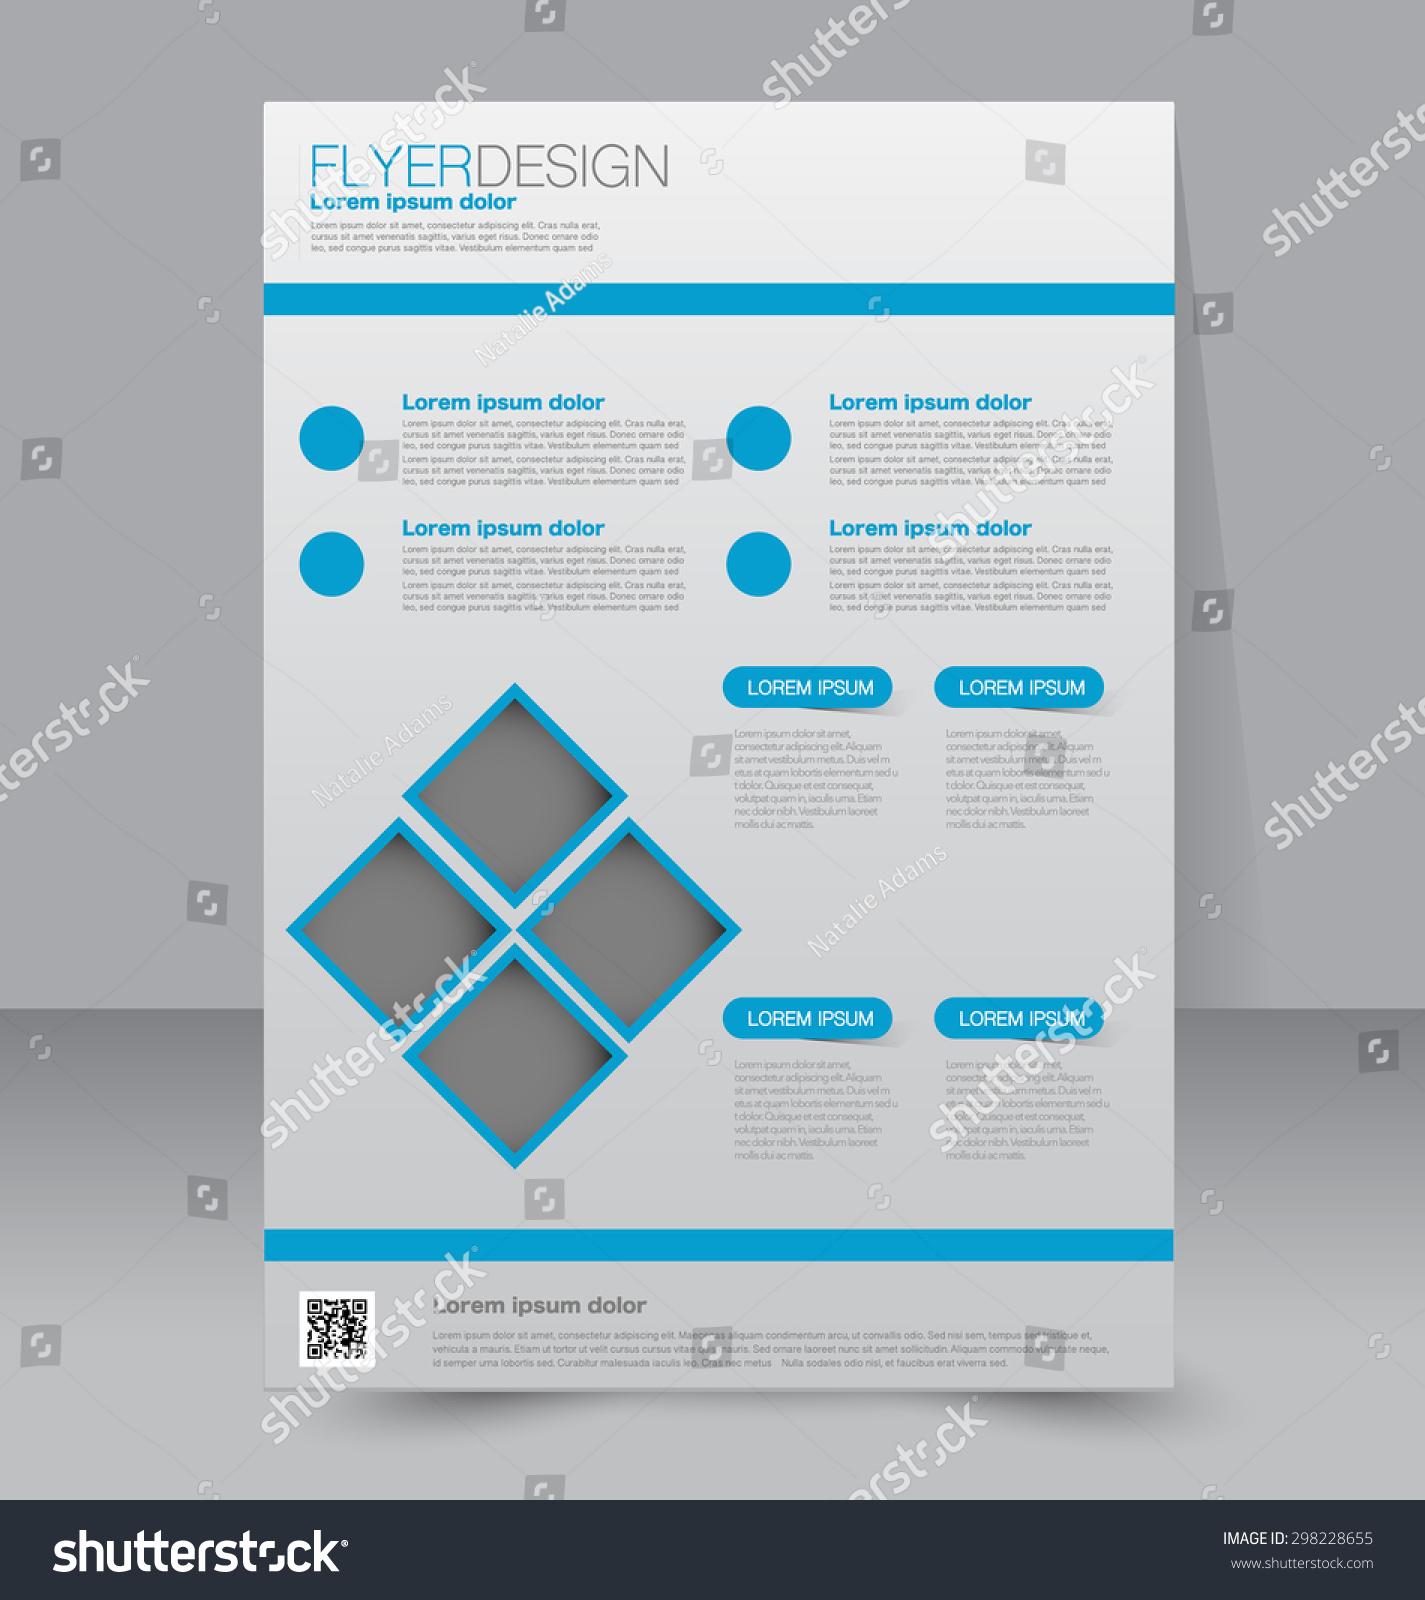 传单模板.业务手册.可编辑的a4海报设计,教育,展示,网站,杂志封面.